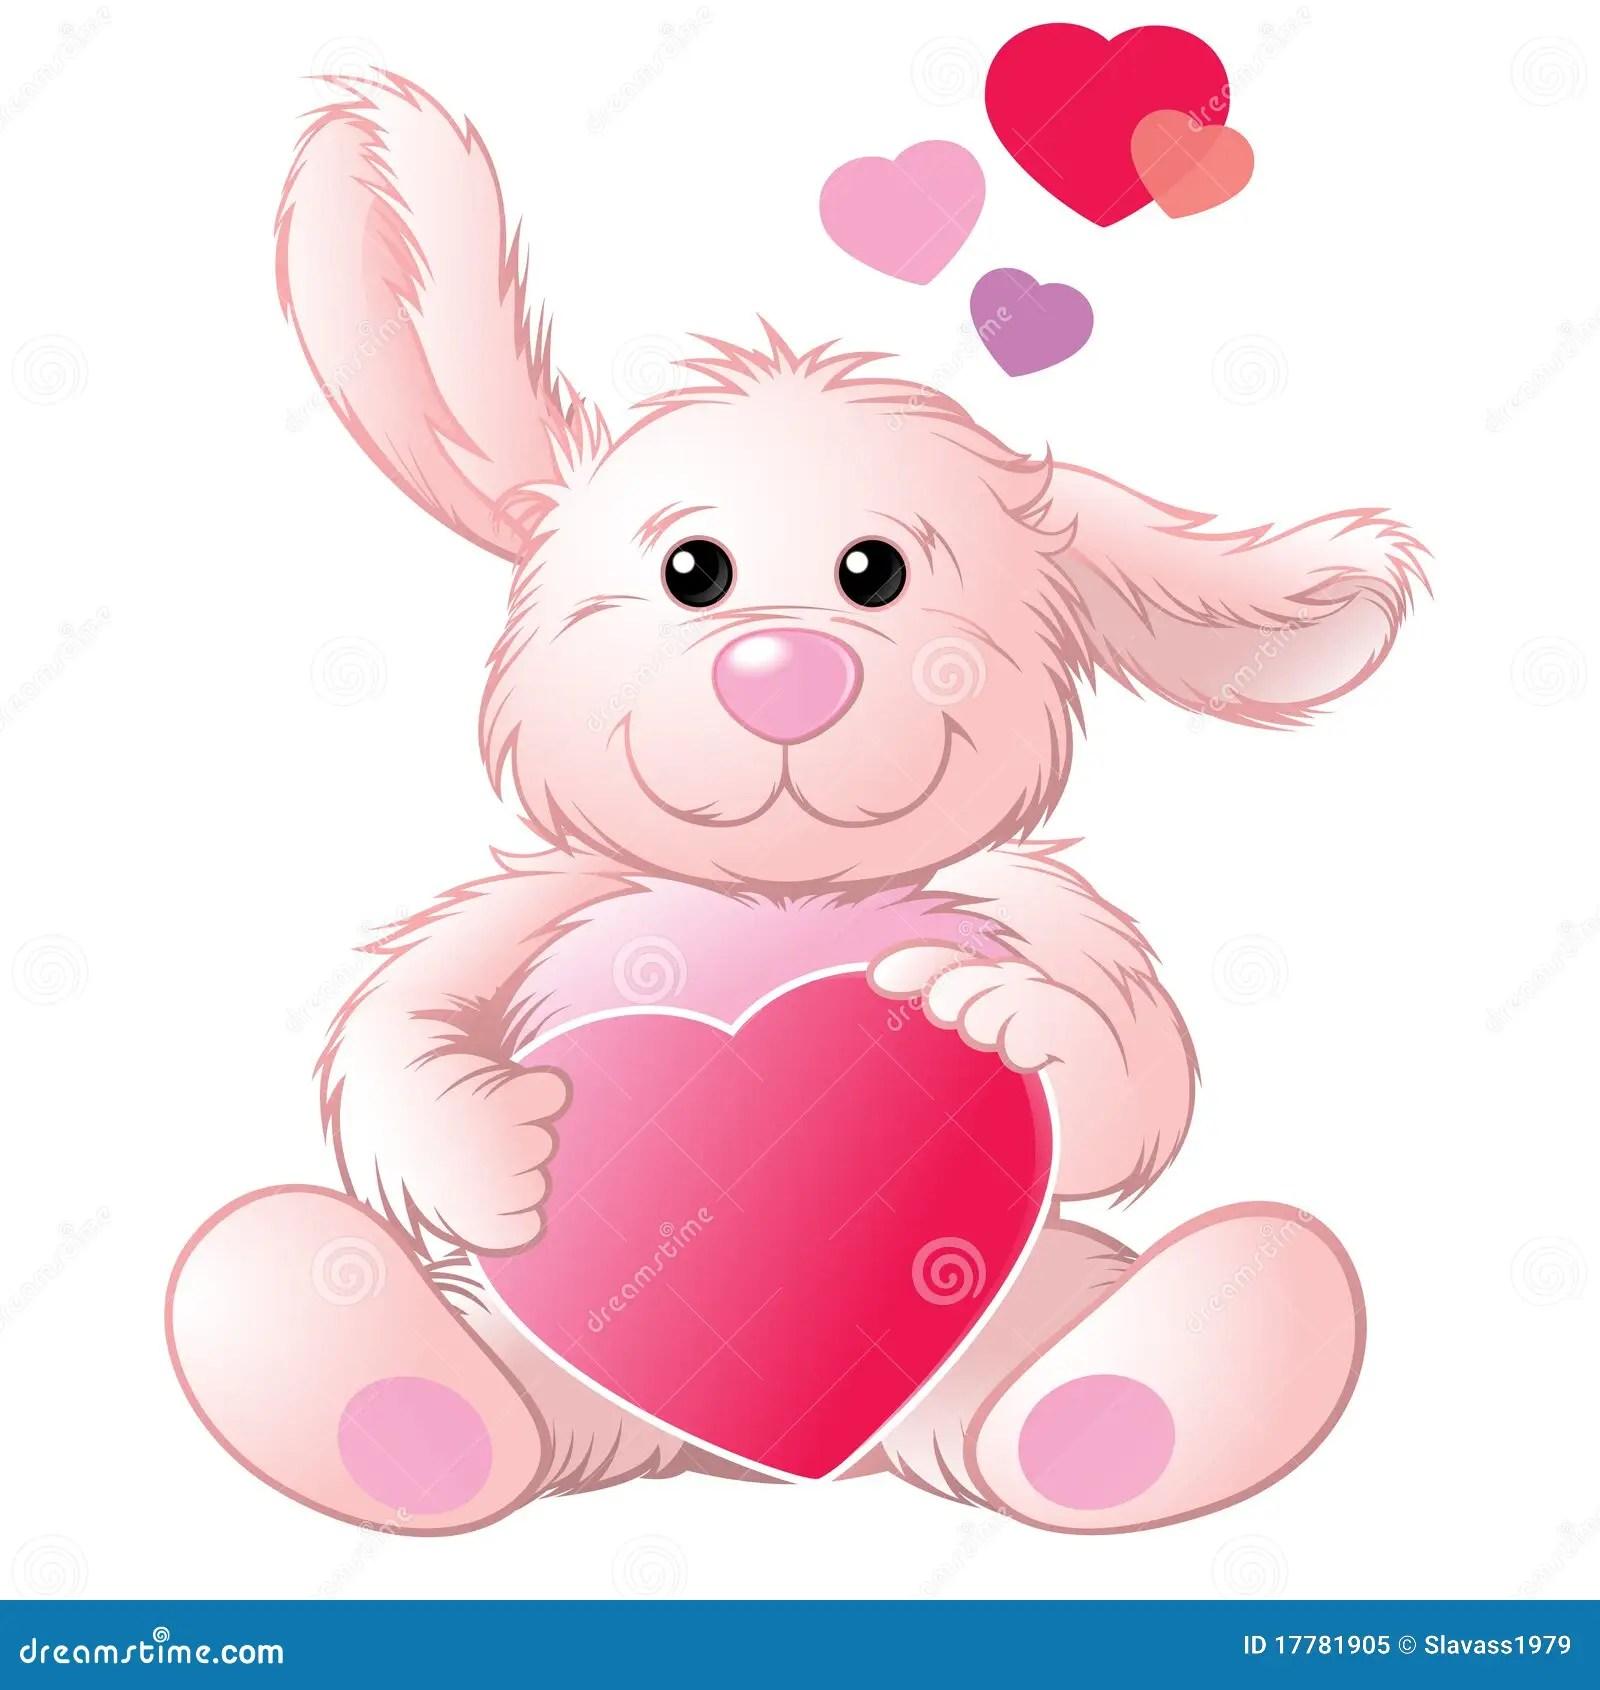 Cute Baby Rabbit Wallpapers Lapin Avec Un Coeur Illustration De Vecteur Illustration